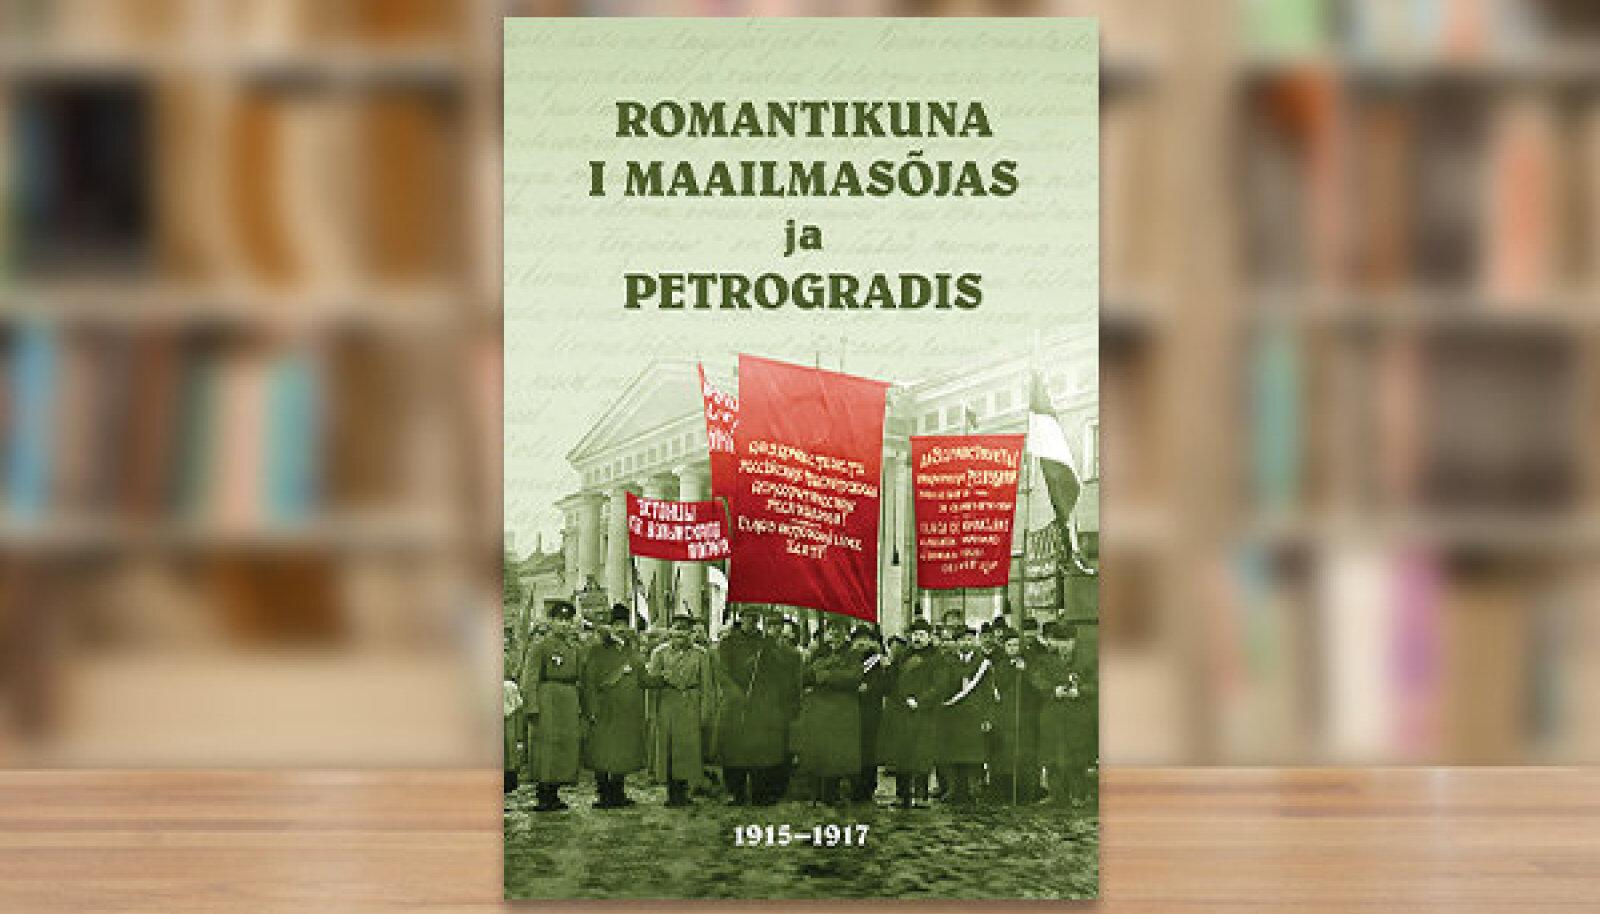 Romantikuna I maailmasõjas.